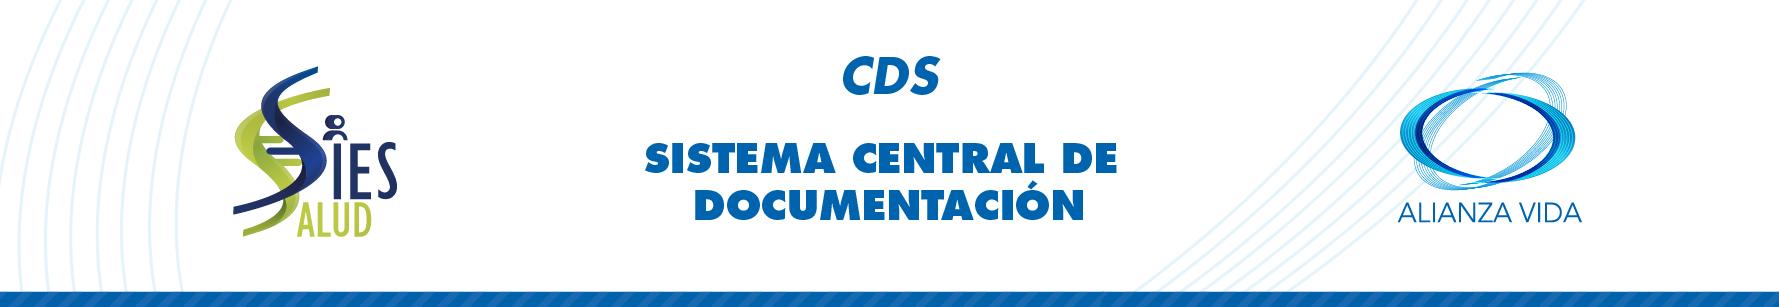 CDS ALIANZA VIDA